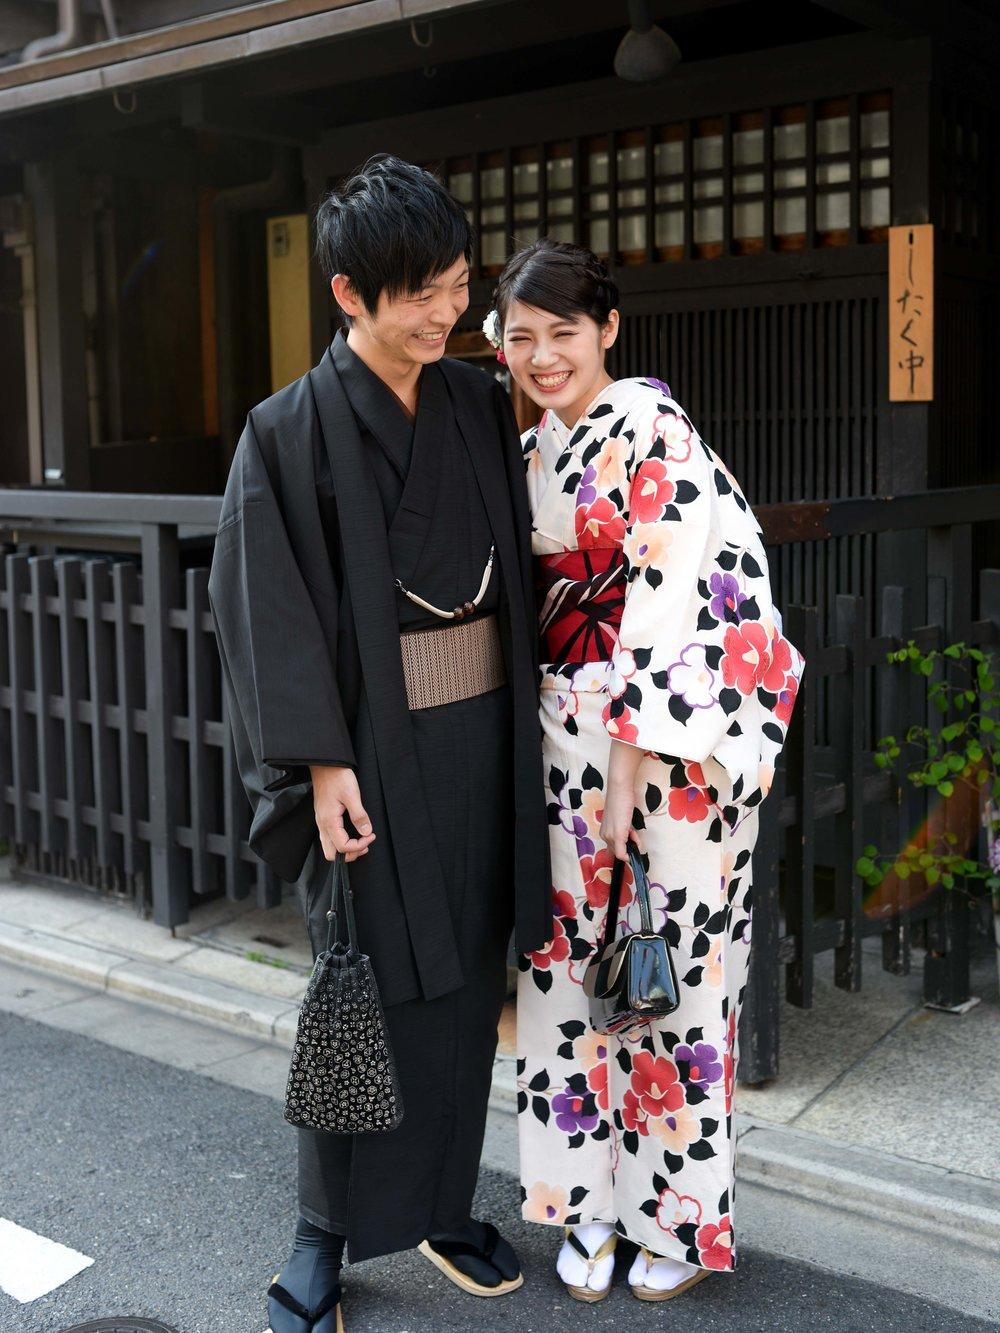 blogpost-japan-25.jpg